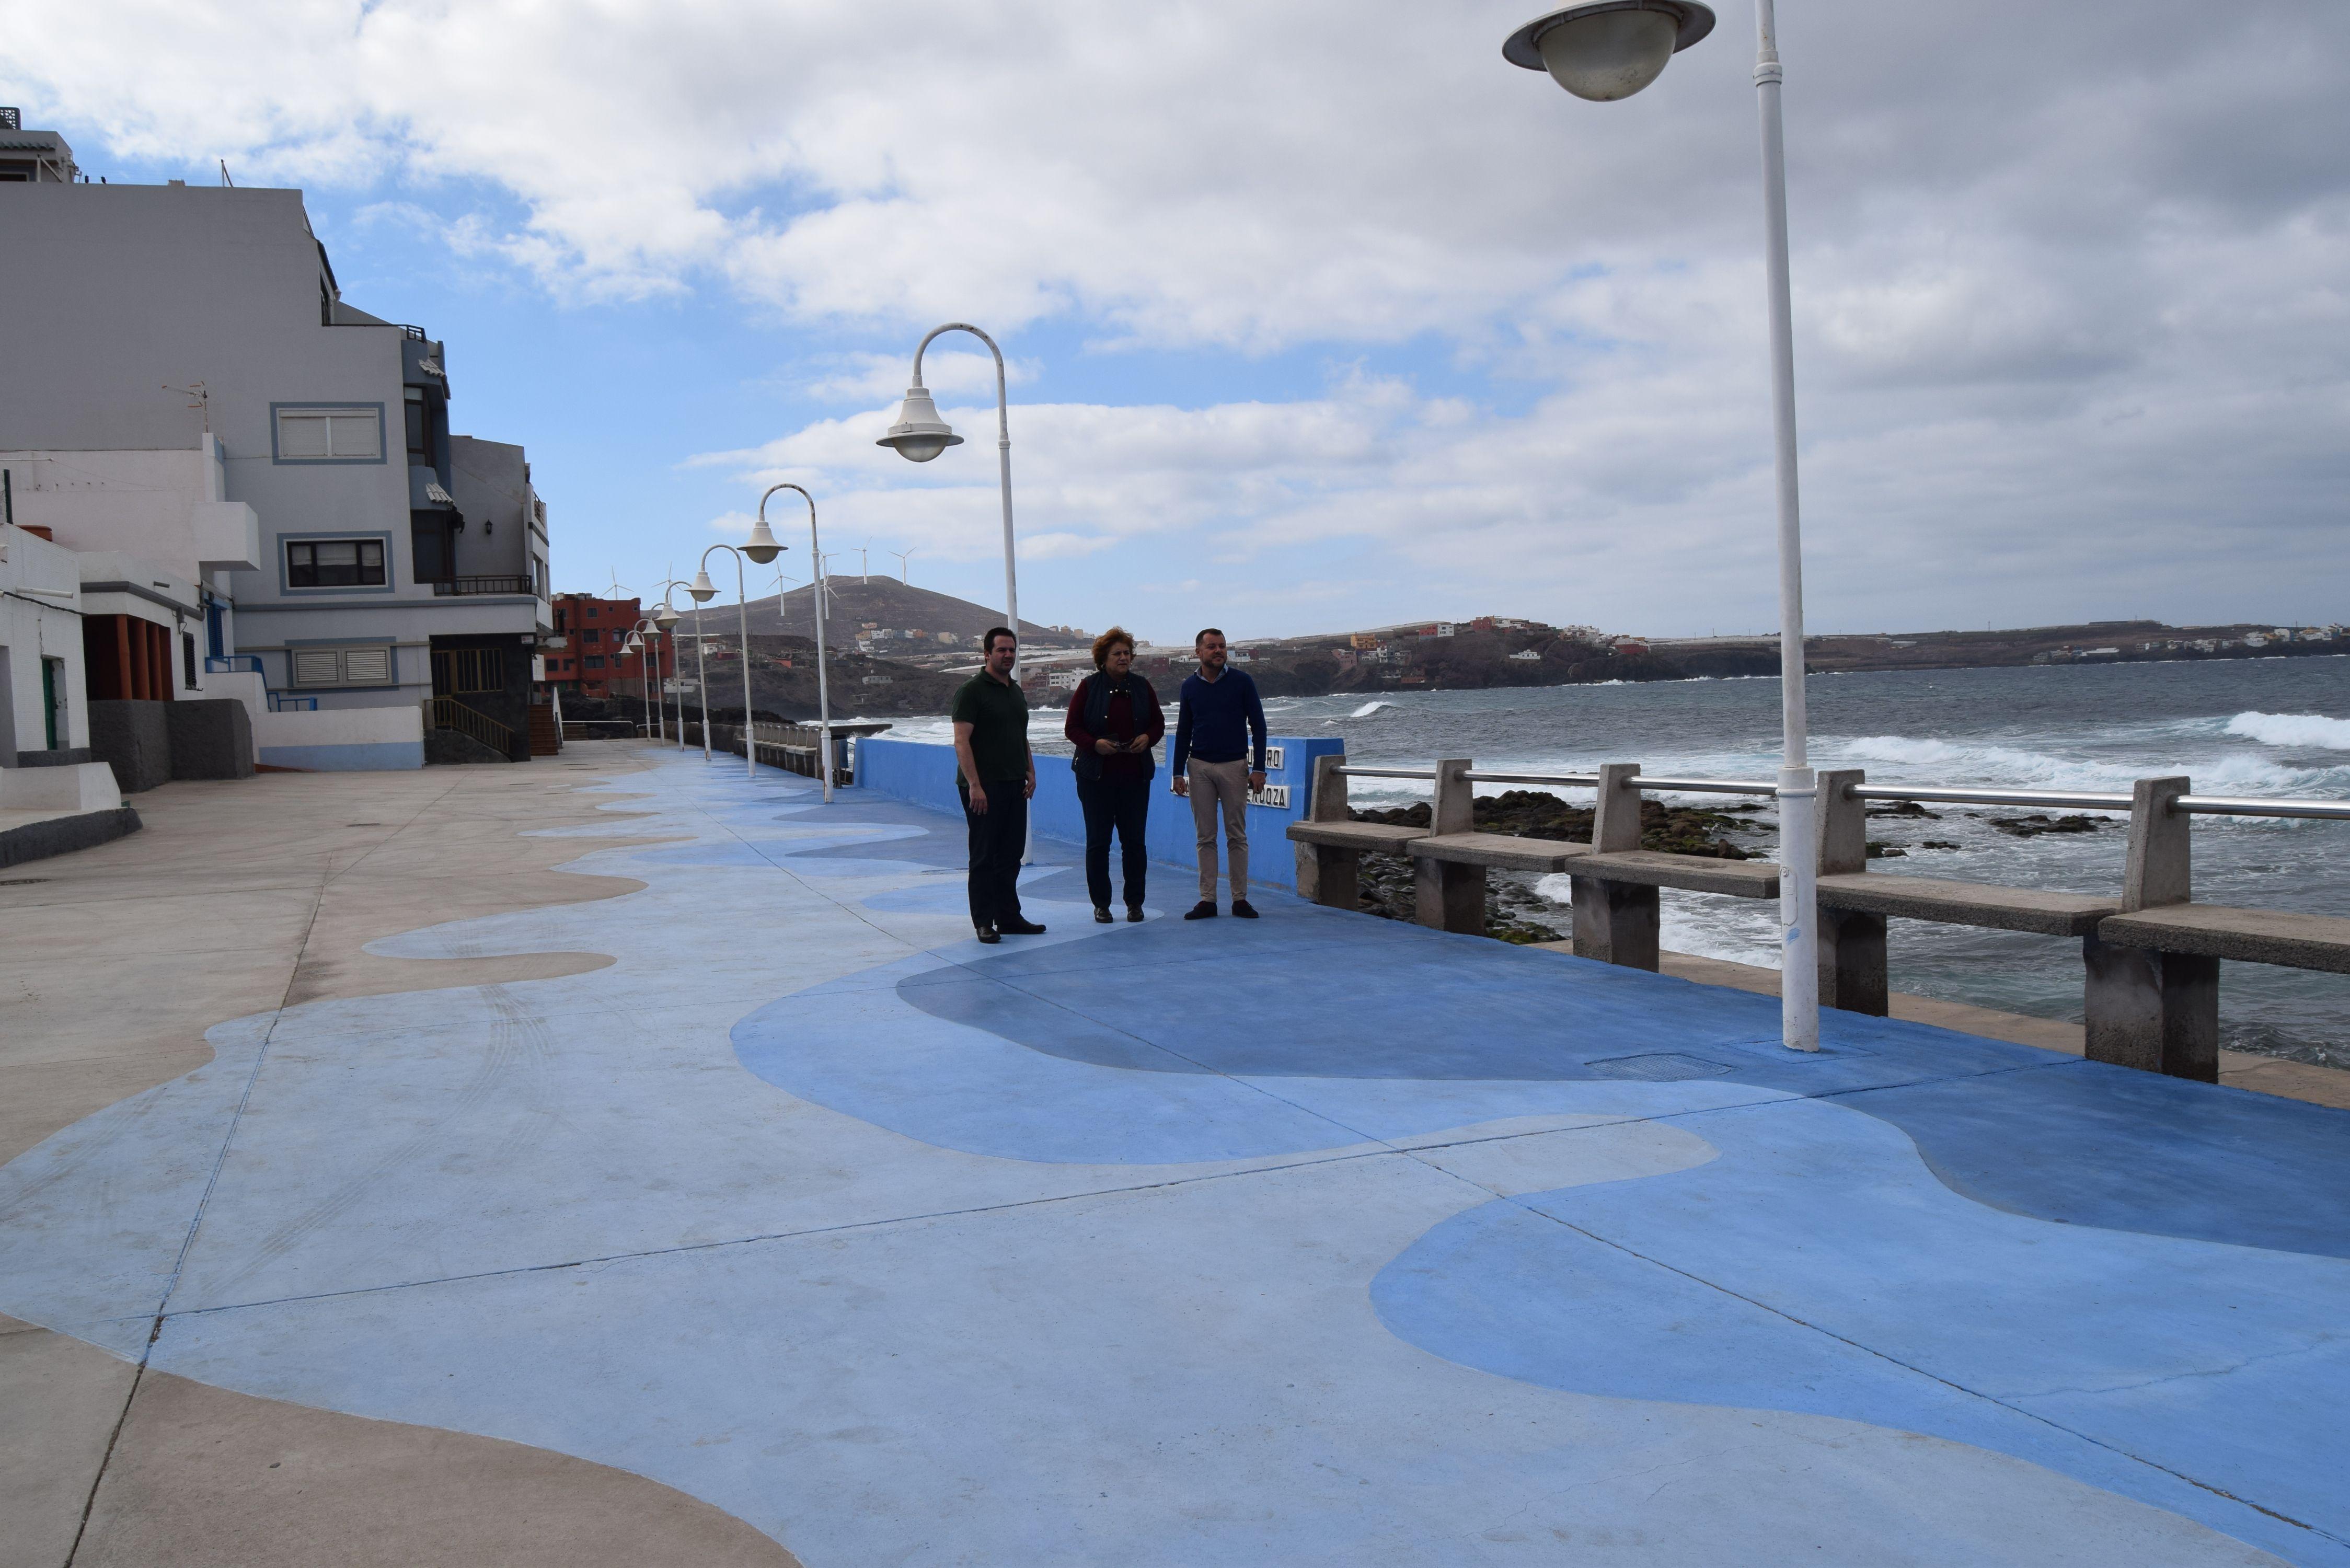 El ayuntamiento de g ldar lleva a cabo actuaciones de mejora en la playa de el agujero - Piscinas naturales galdar ...